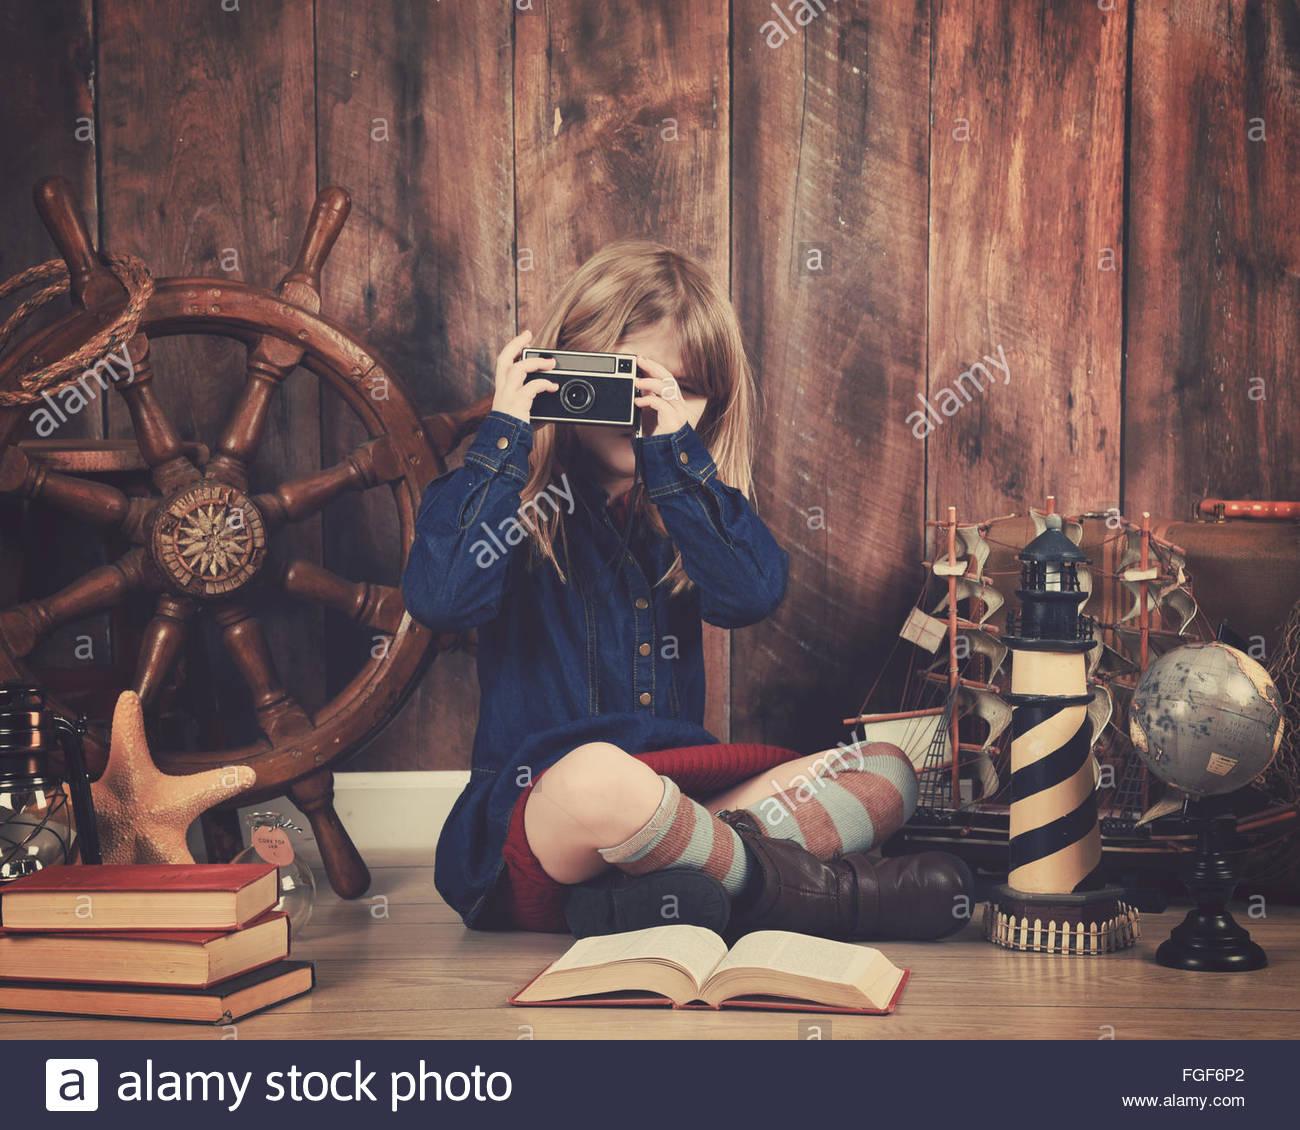 Un bambino piccolo che è in possesso di una vecchia fotocamera retrò con oggetti da viaggio in background Immagini Stock